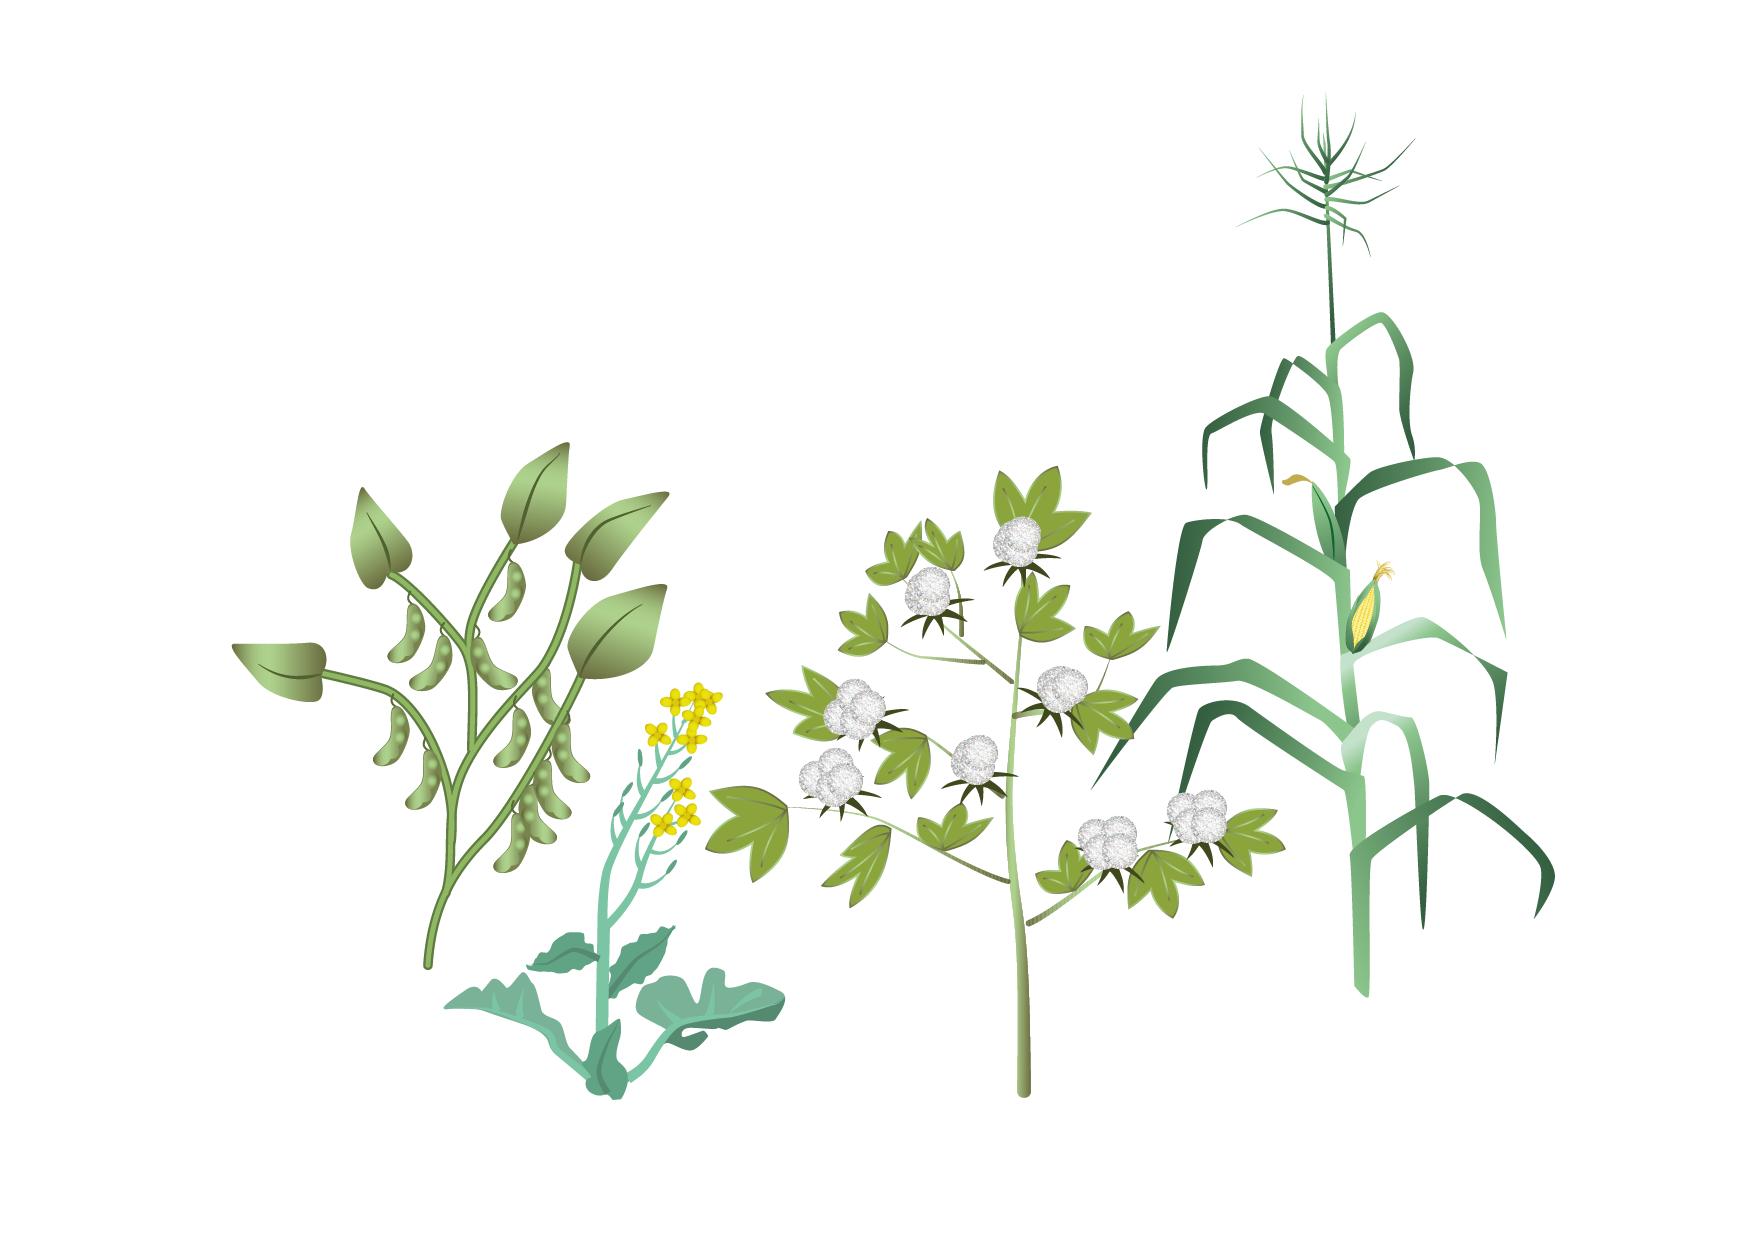 Illustration av Sojaböna, raps, bomull och majs